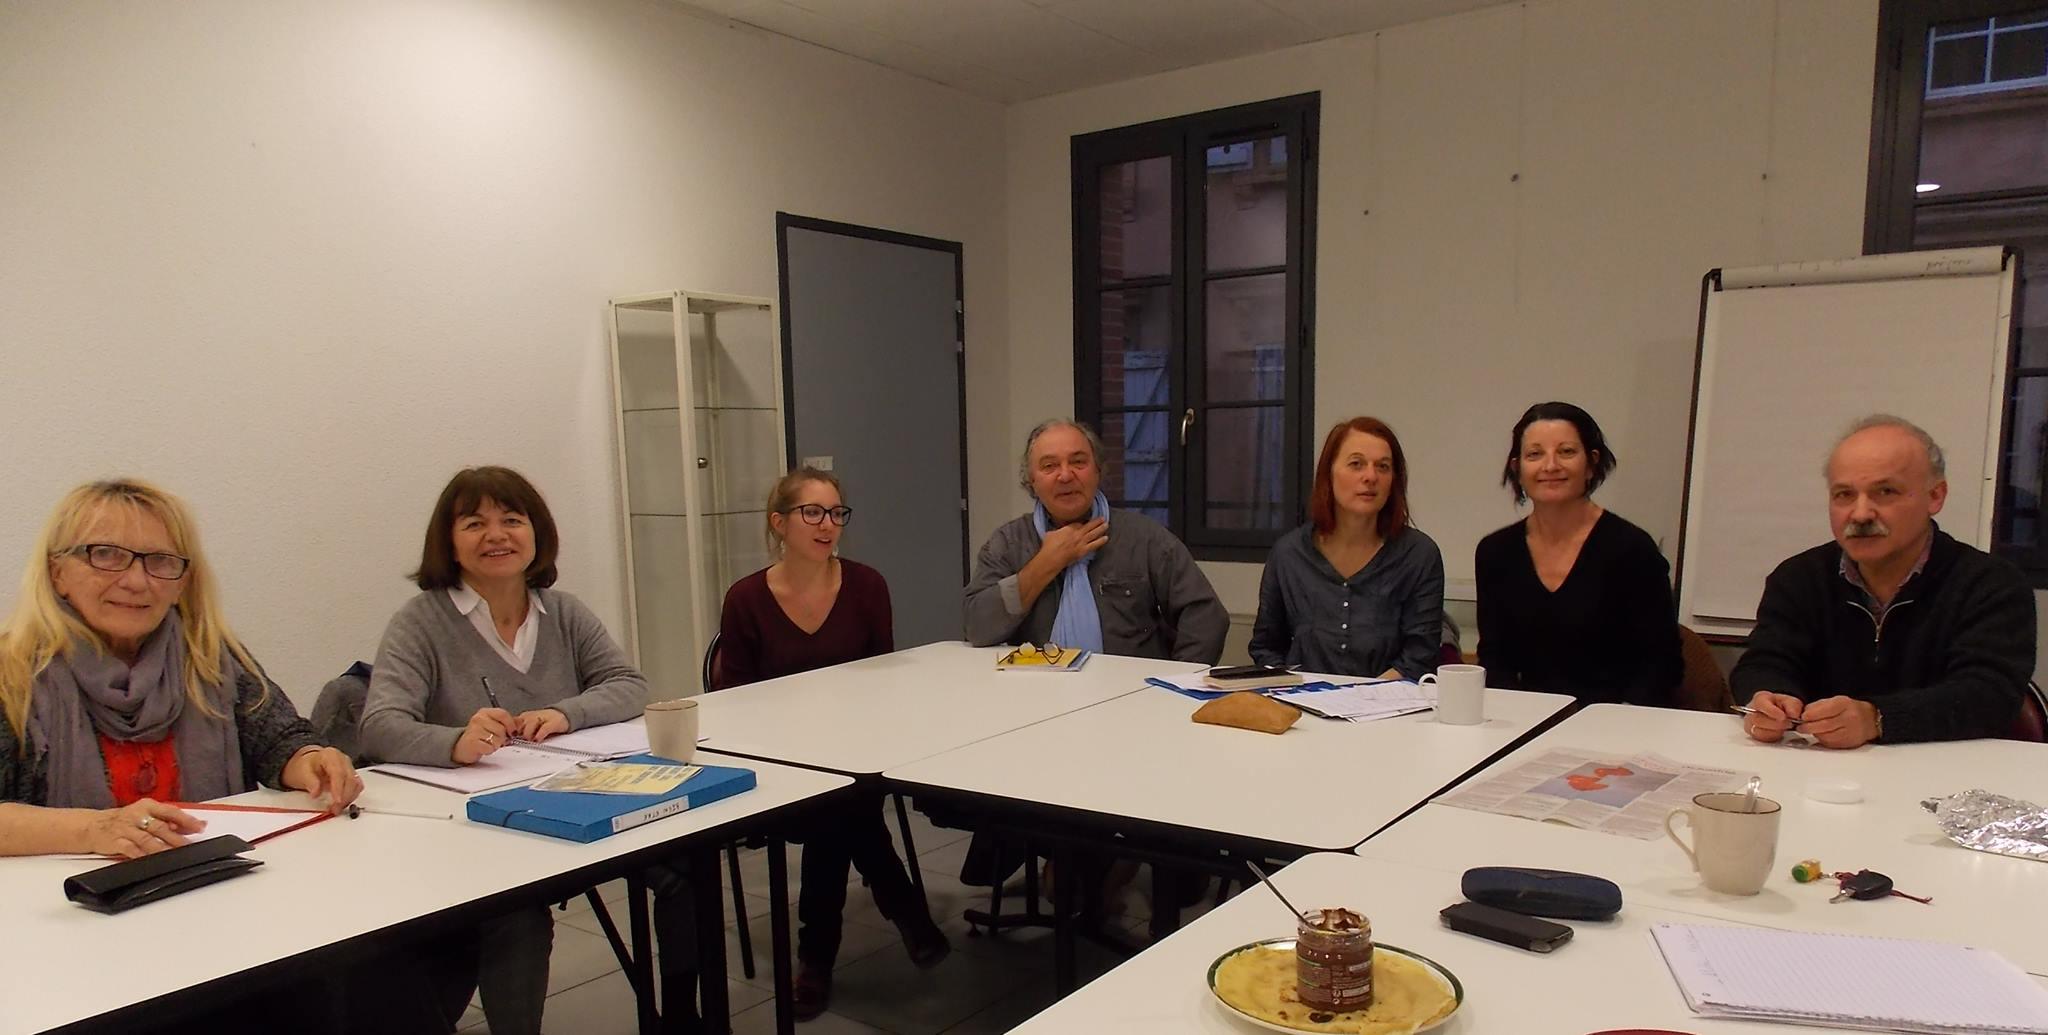 Atelier d'ecriture Maison des ecritures Lombez